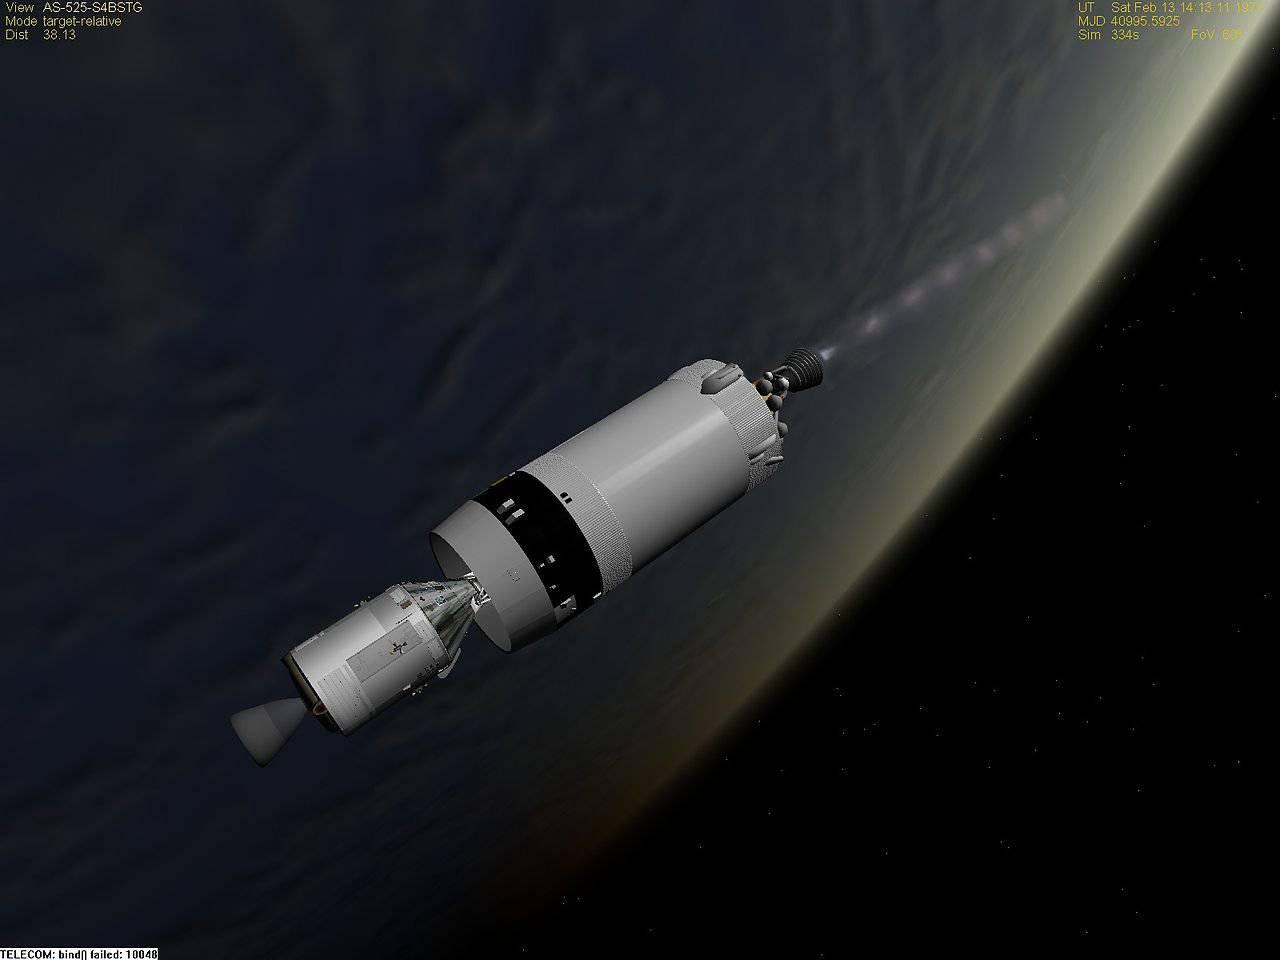 Миссии США к Венере  (13 фото)